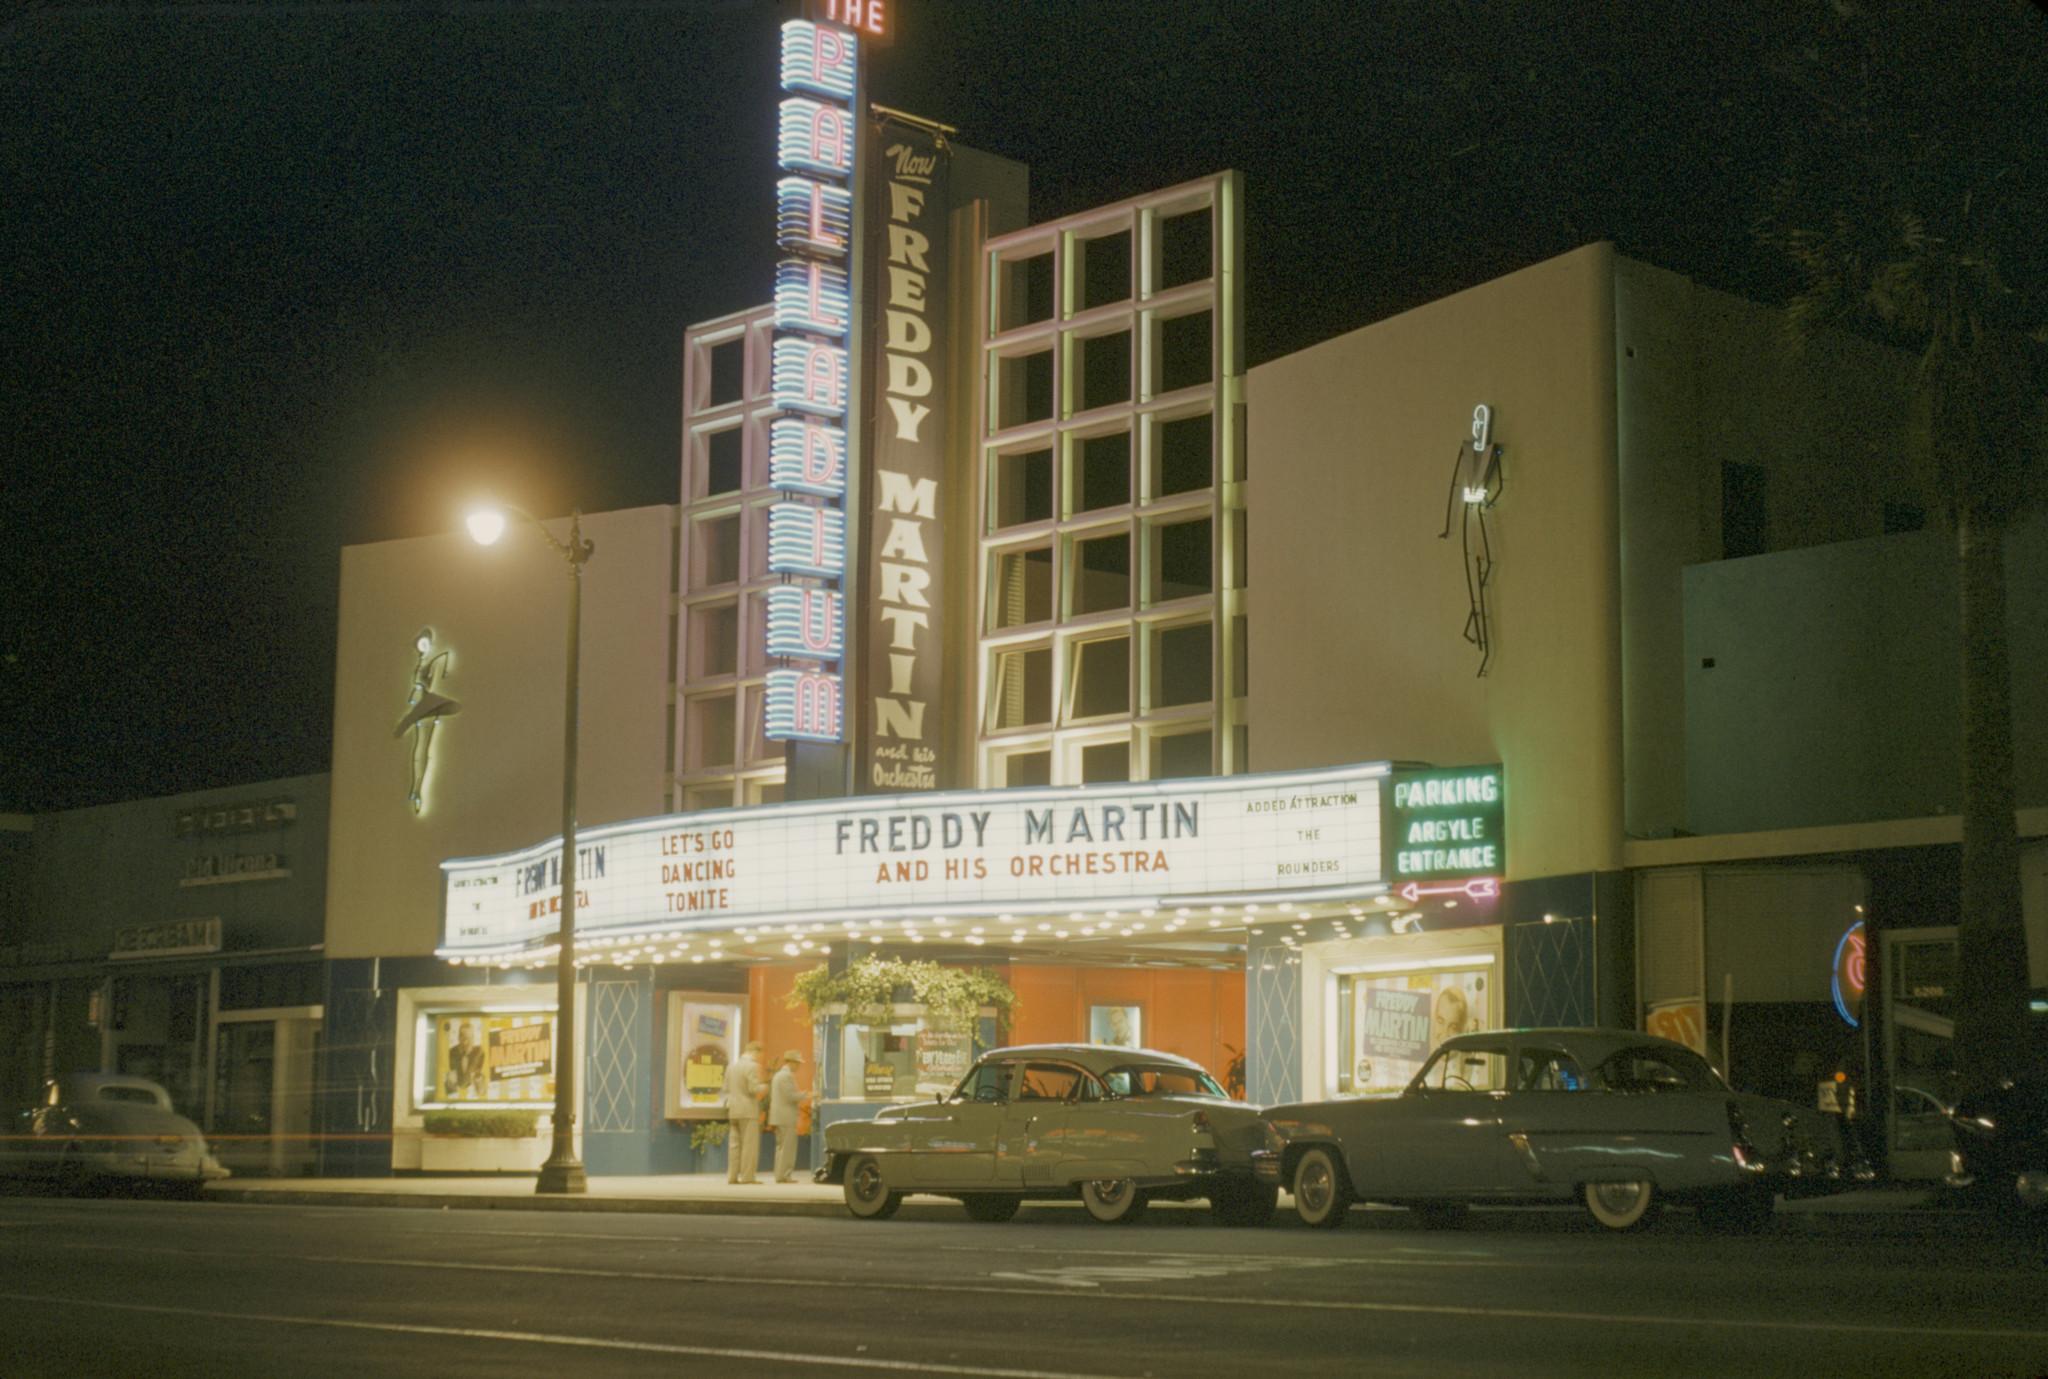 The Hollywood Palladium around 1950.